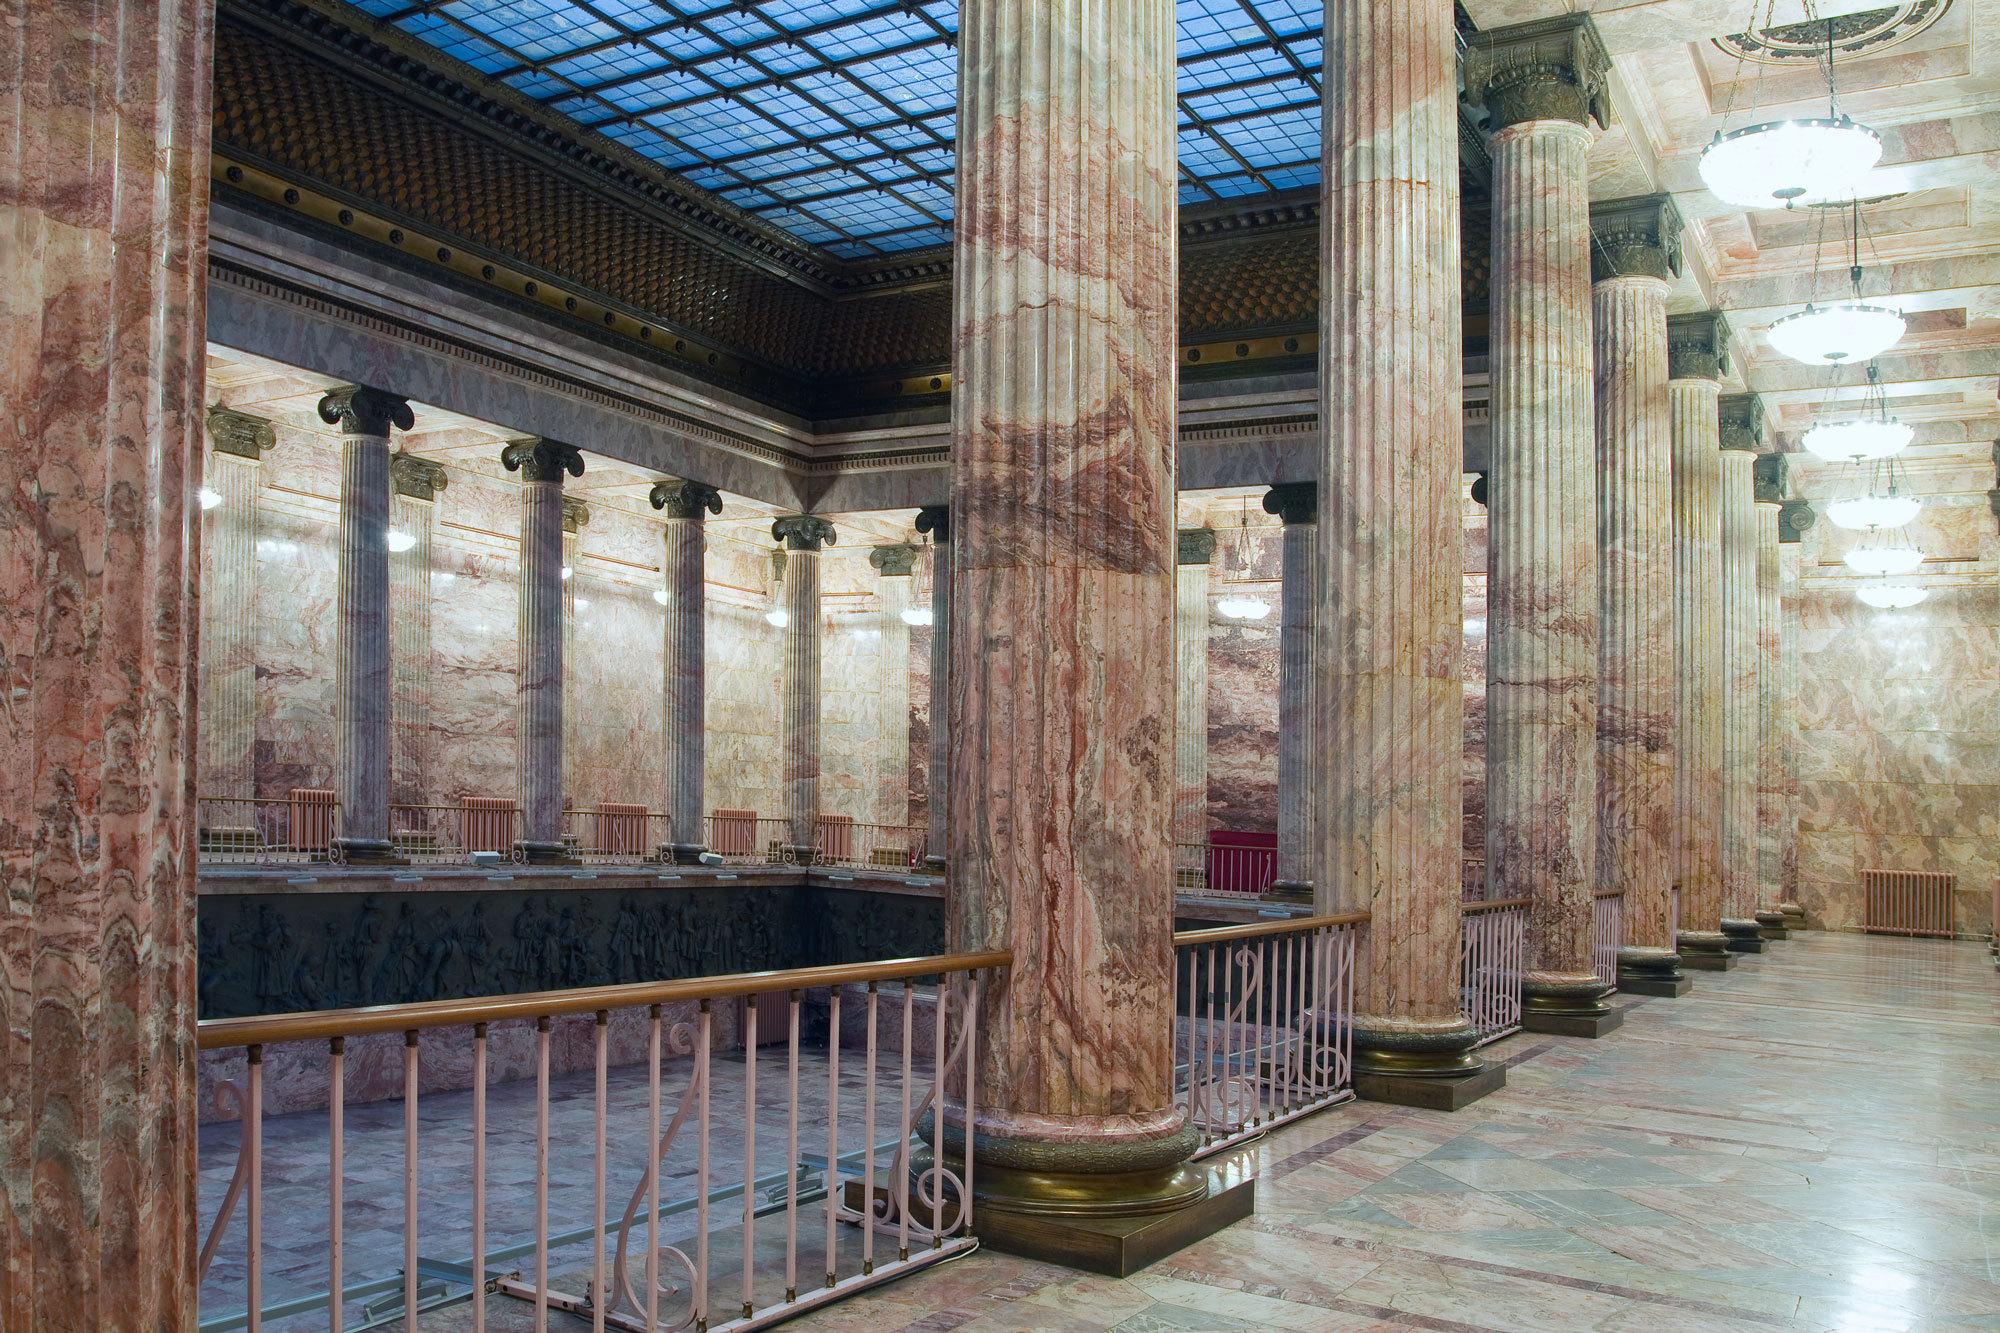 Главный зал – Мраморный этнографического музея в Санкт-Петербурге